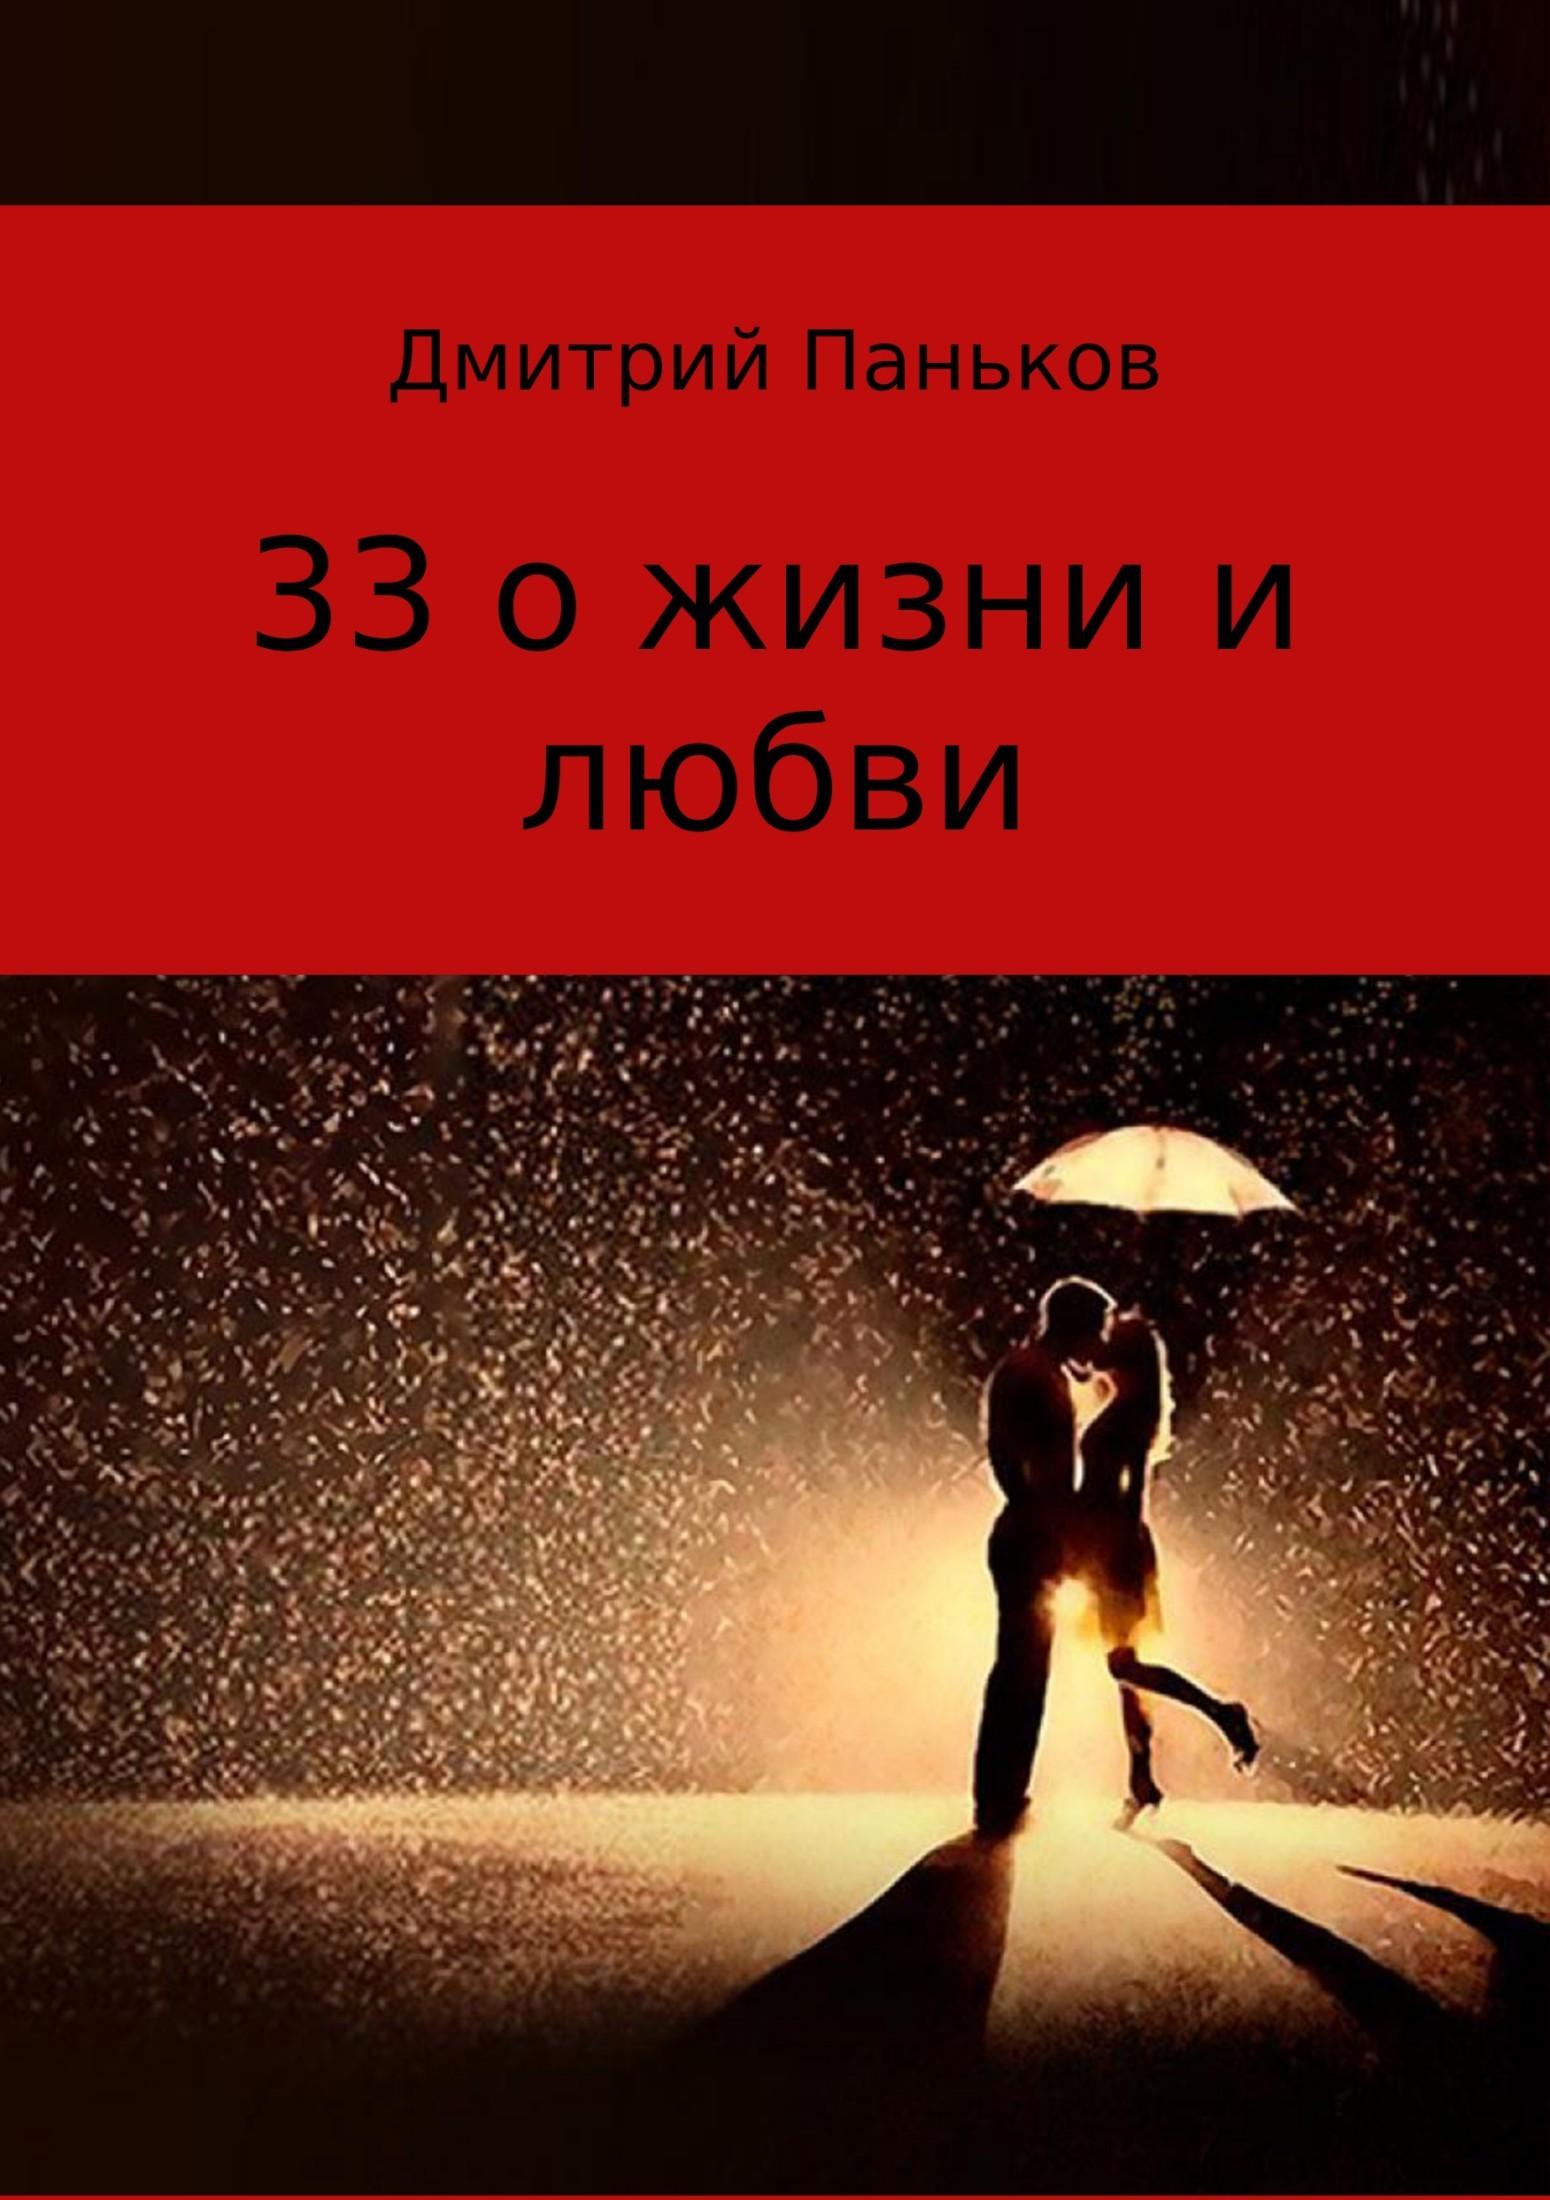 Дмитрий Владимирович Паньков 33 о жизни и любви. Сборник стихов в ф яковлев посвящения сборник